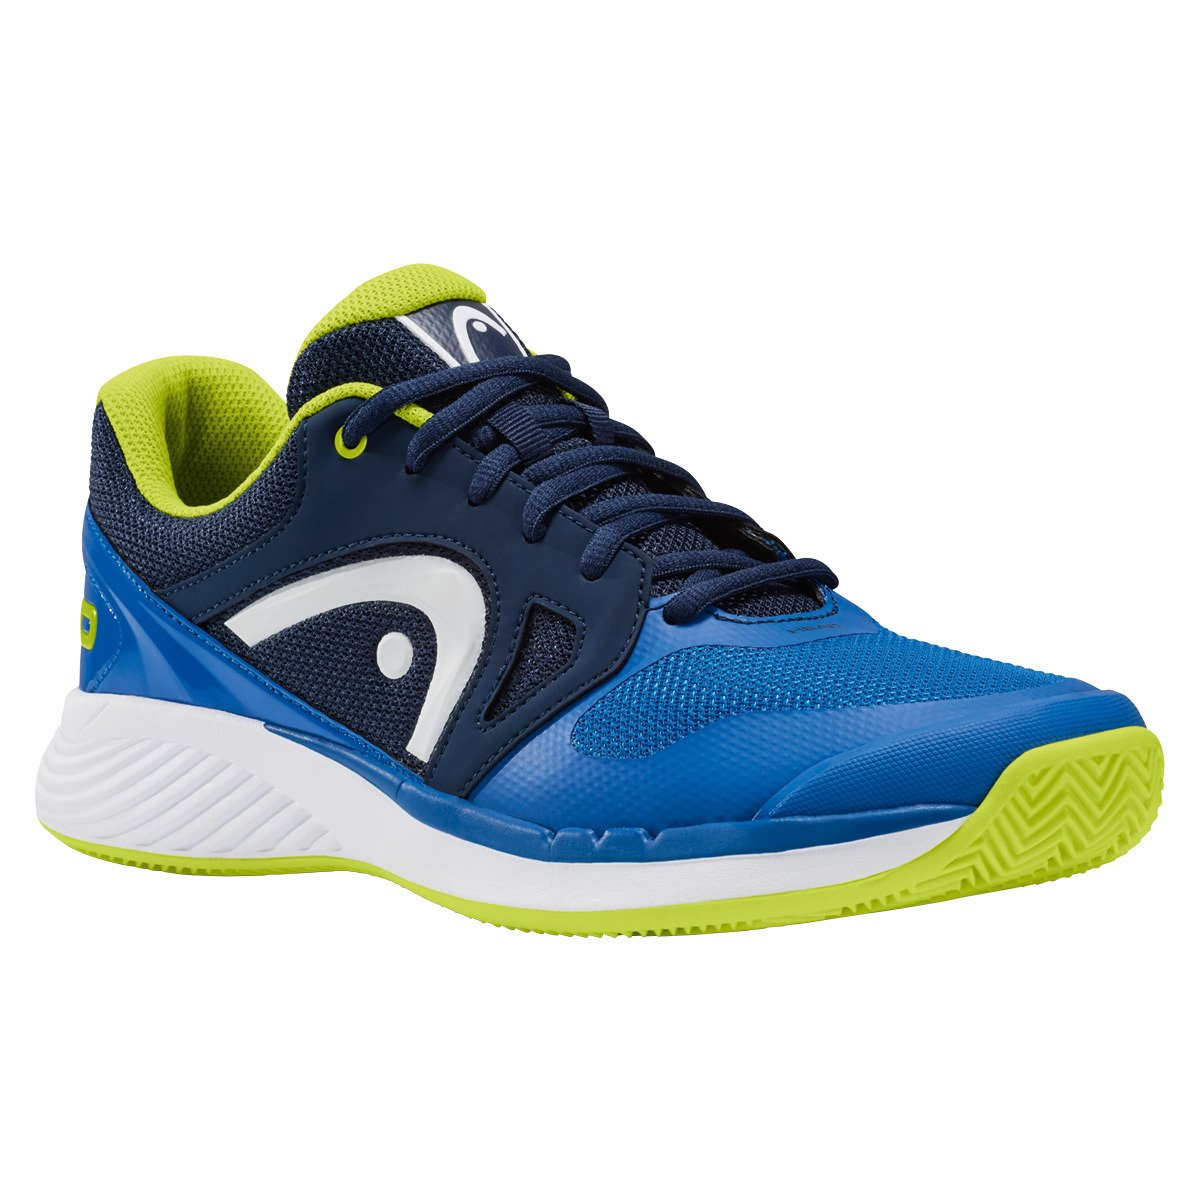 headprint EVO Clay Hombre Zapatillas de Tenis: Amazon.es: Deportes ...